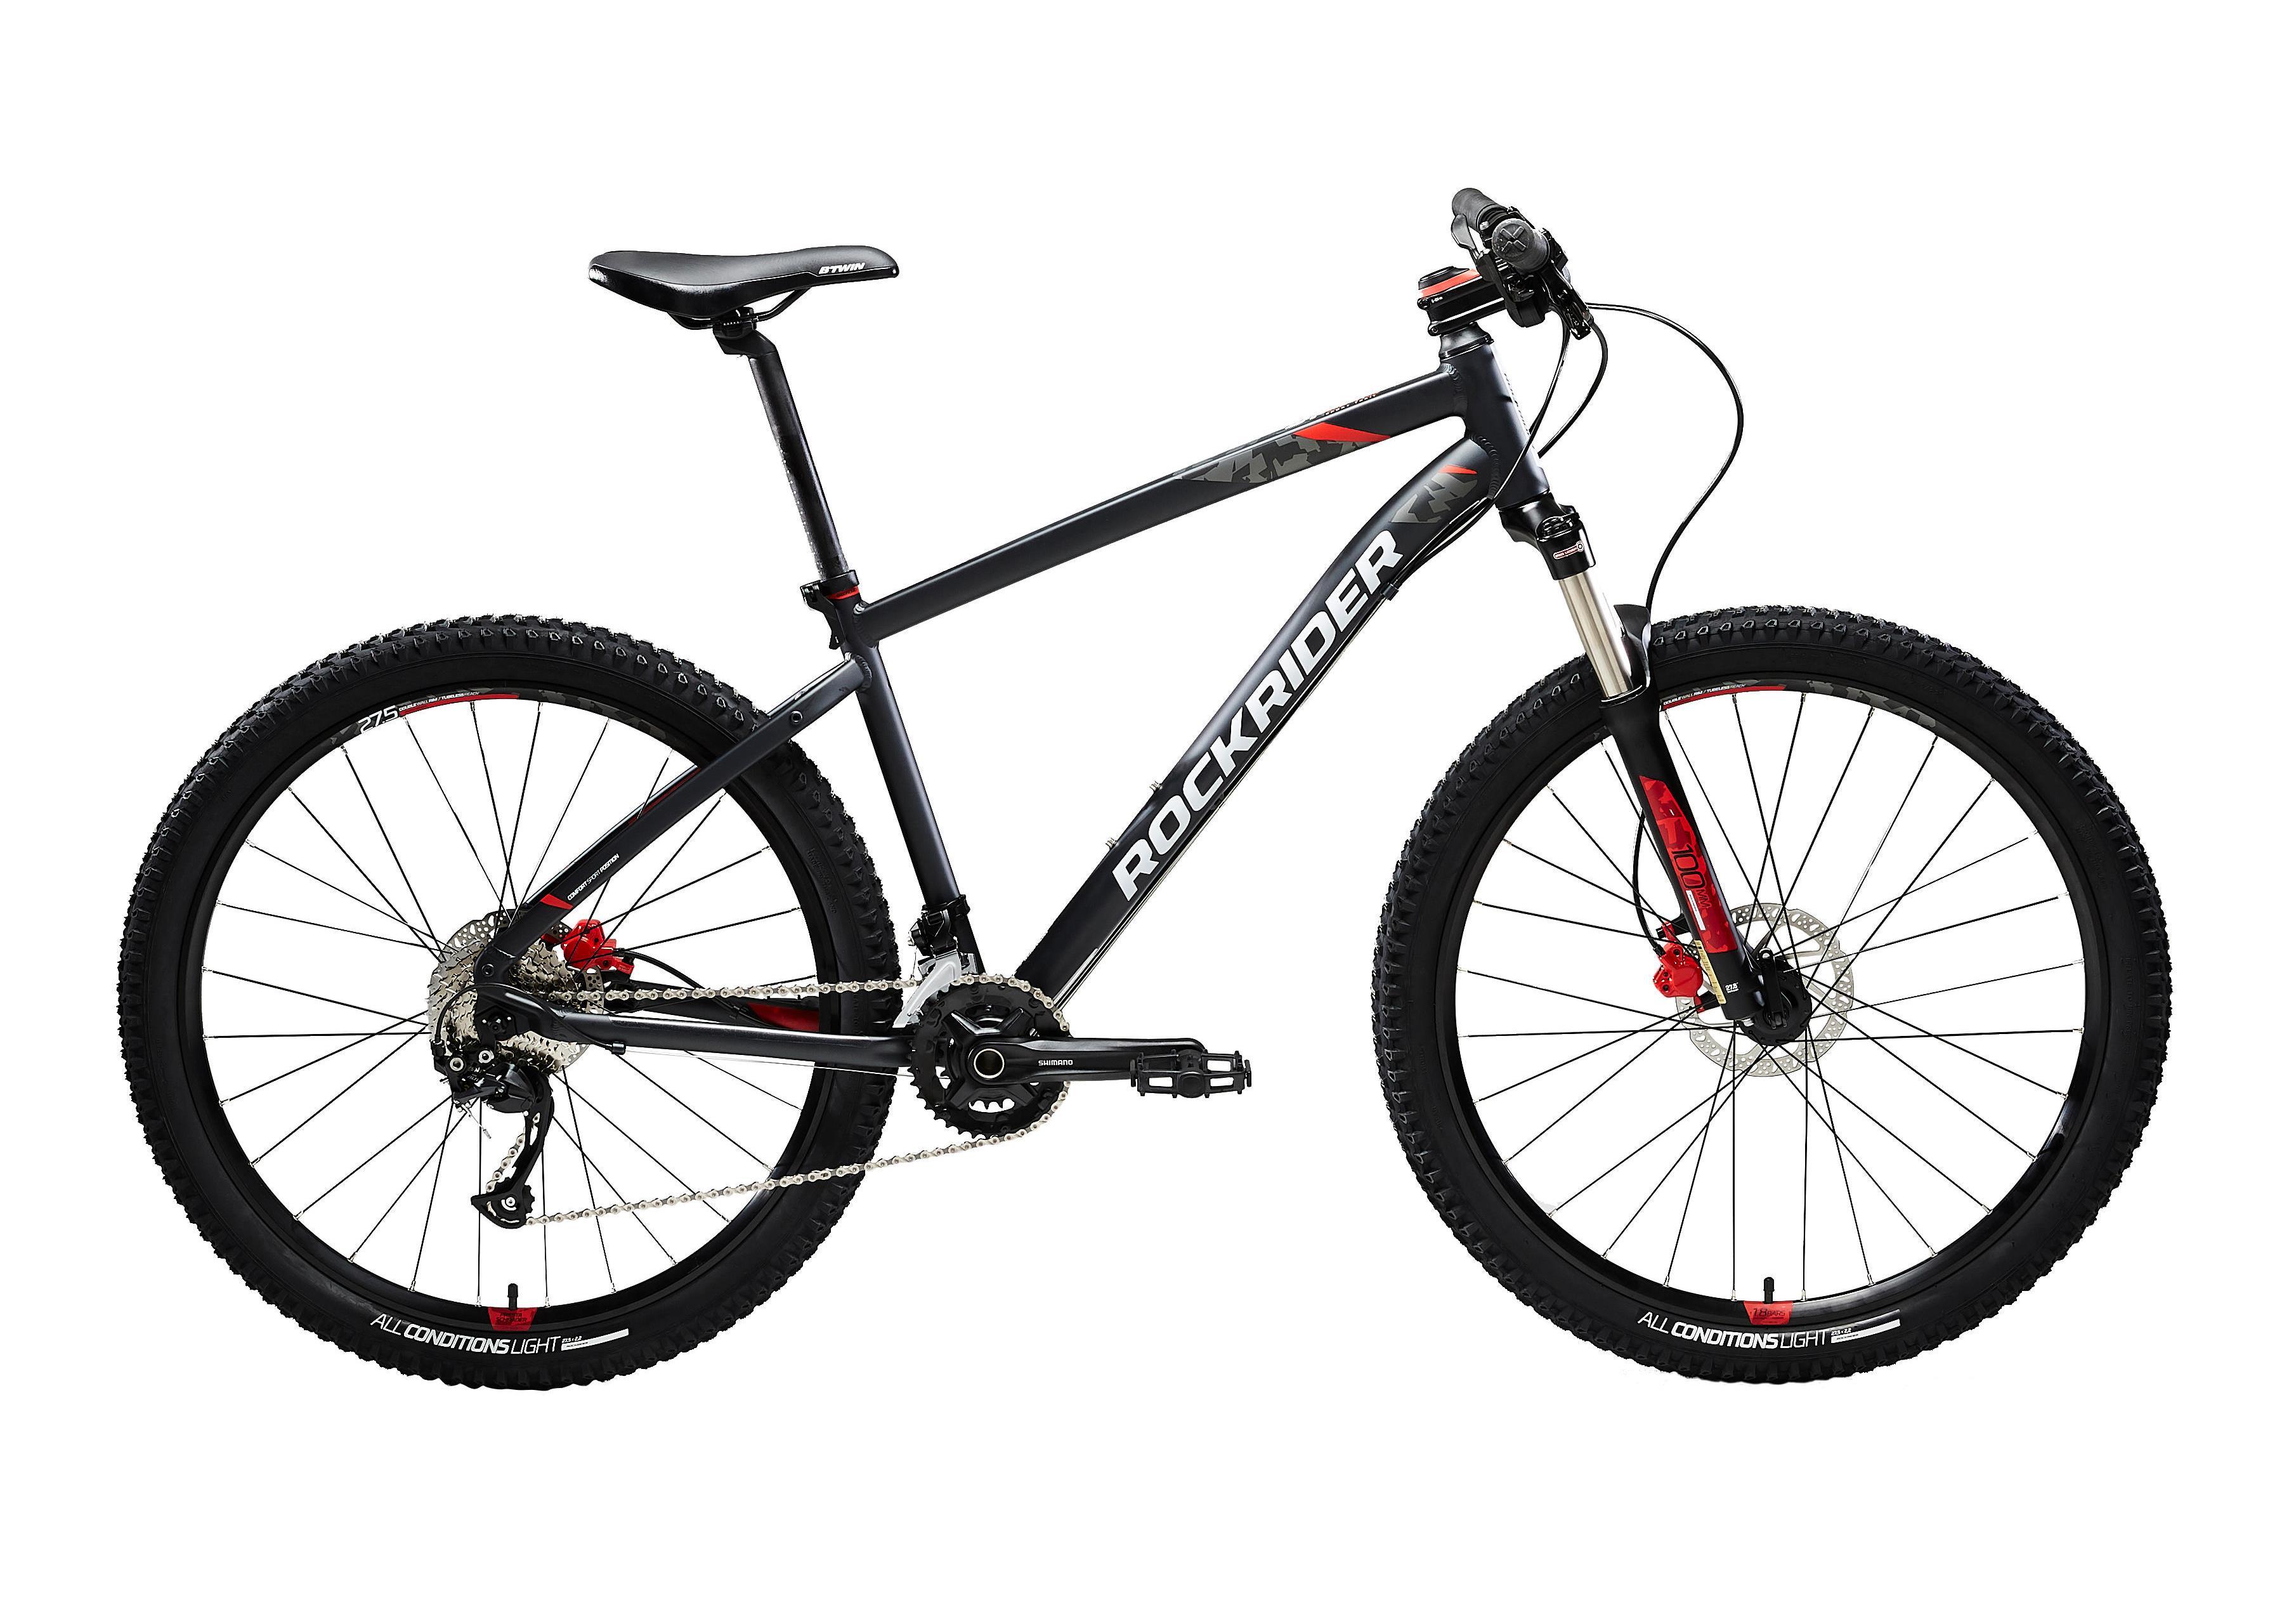 La bici de montaña de 459 euros que ha disparado sus ventas